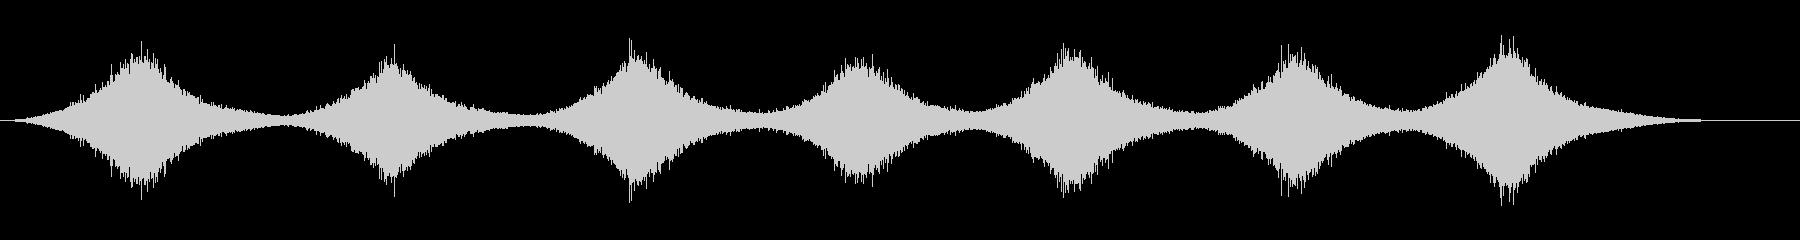 荒波の太平洋の未再生の波形